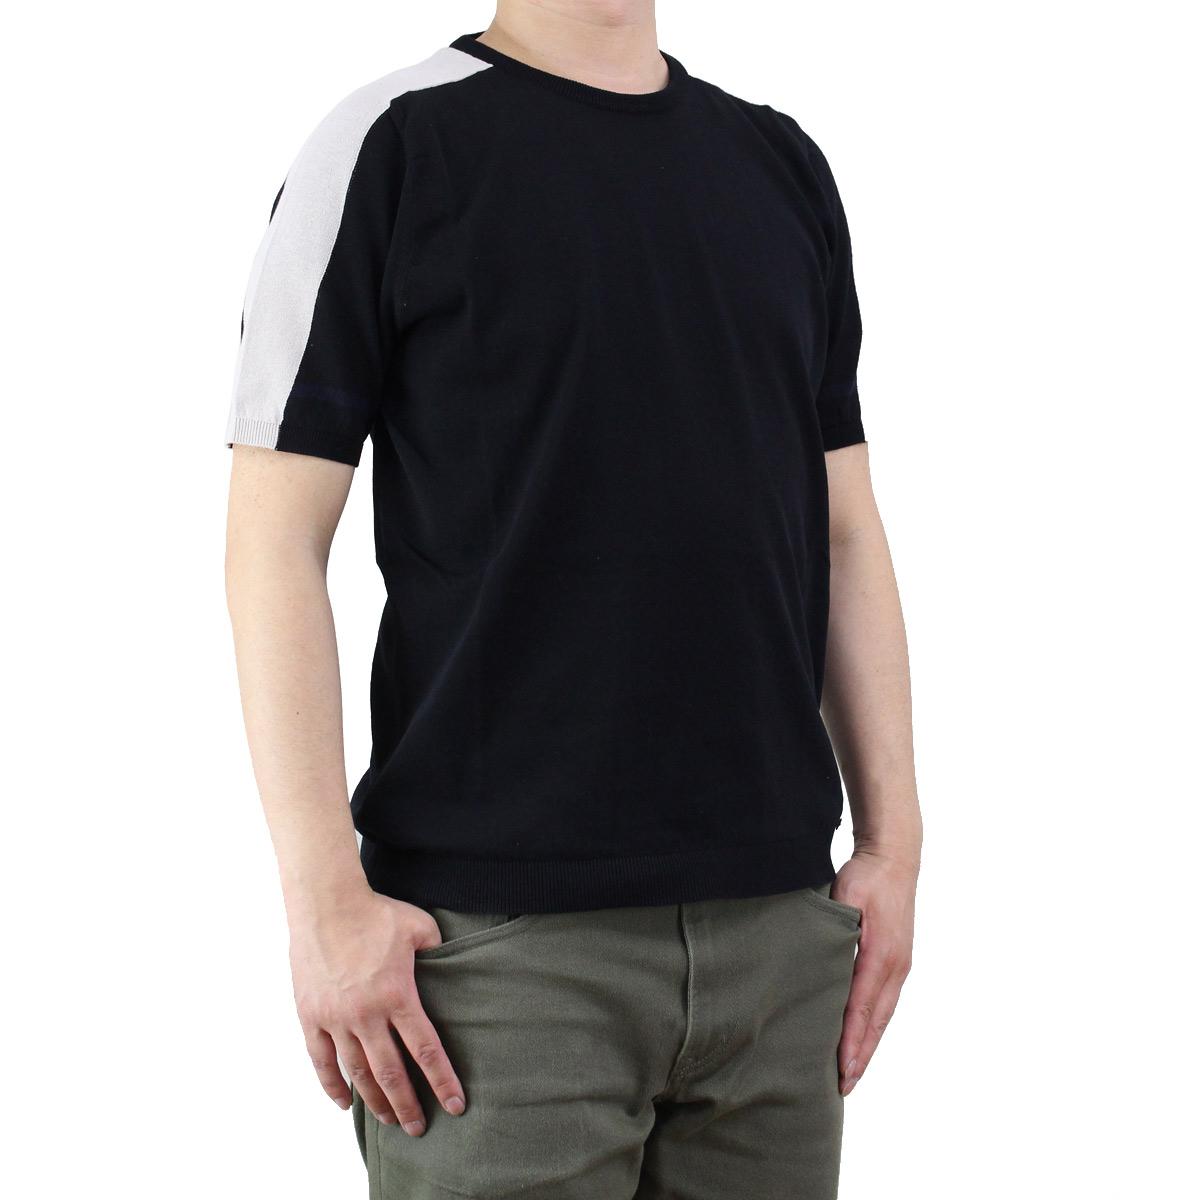 バーク Bark メンズセーター 71B6002 261 BLACK ブラック  メンズ OLS-4